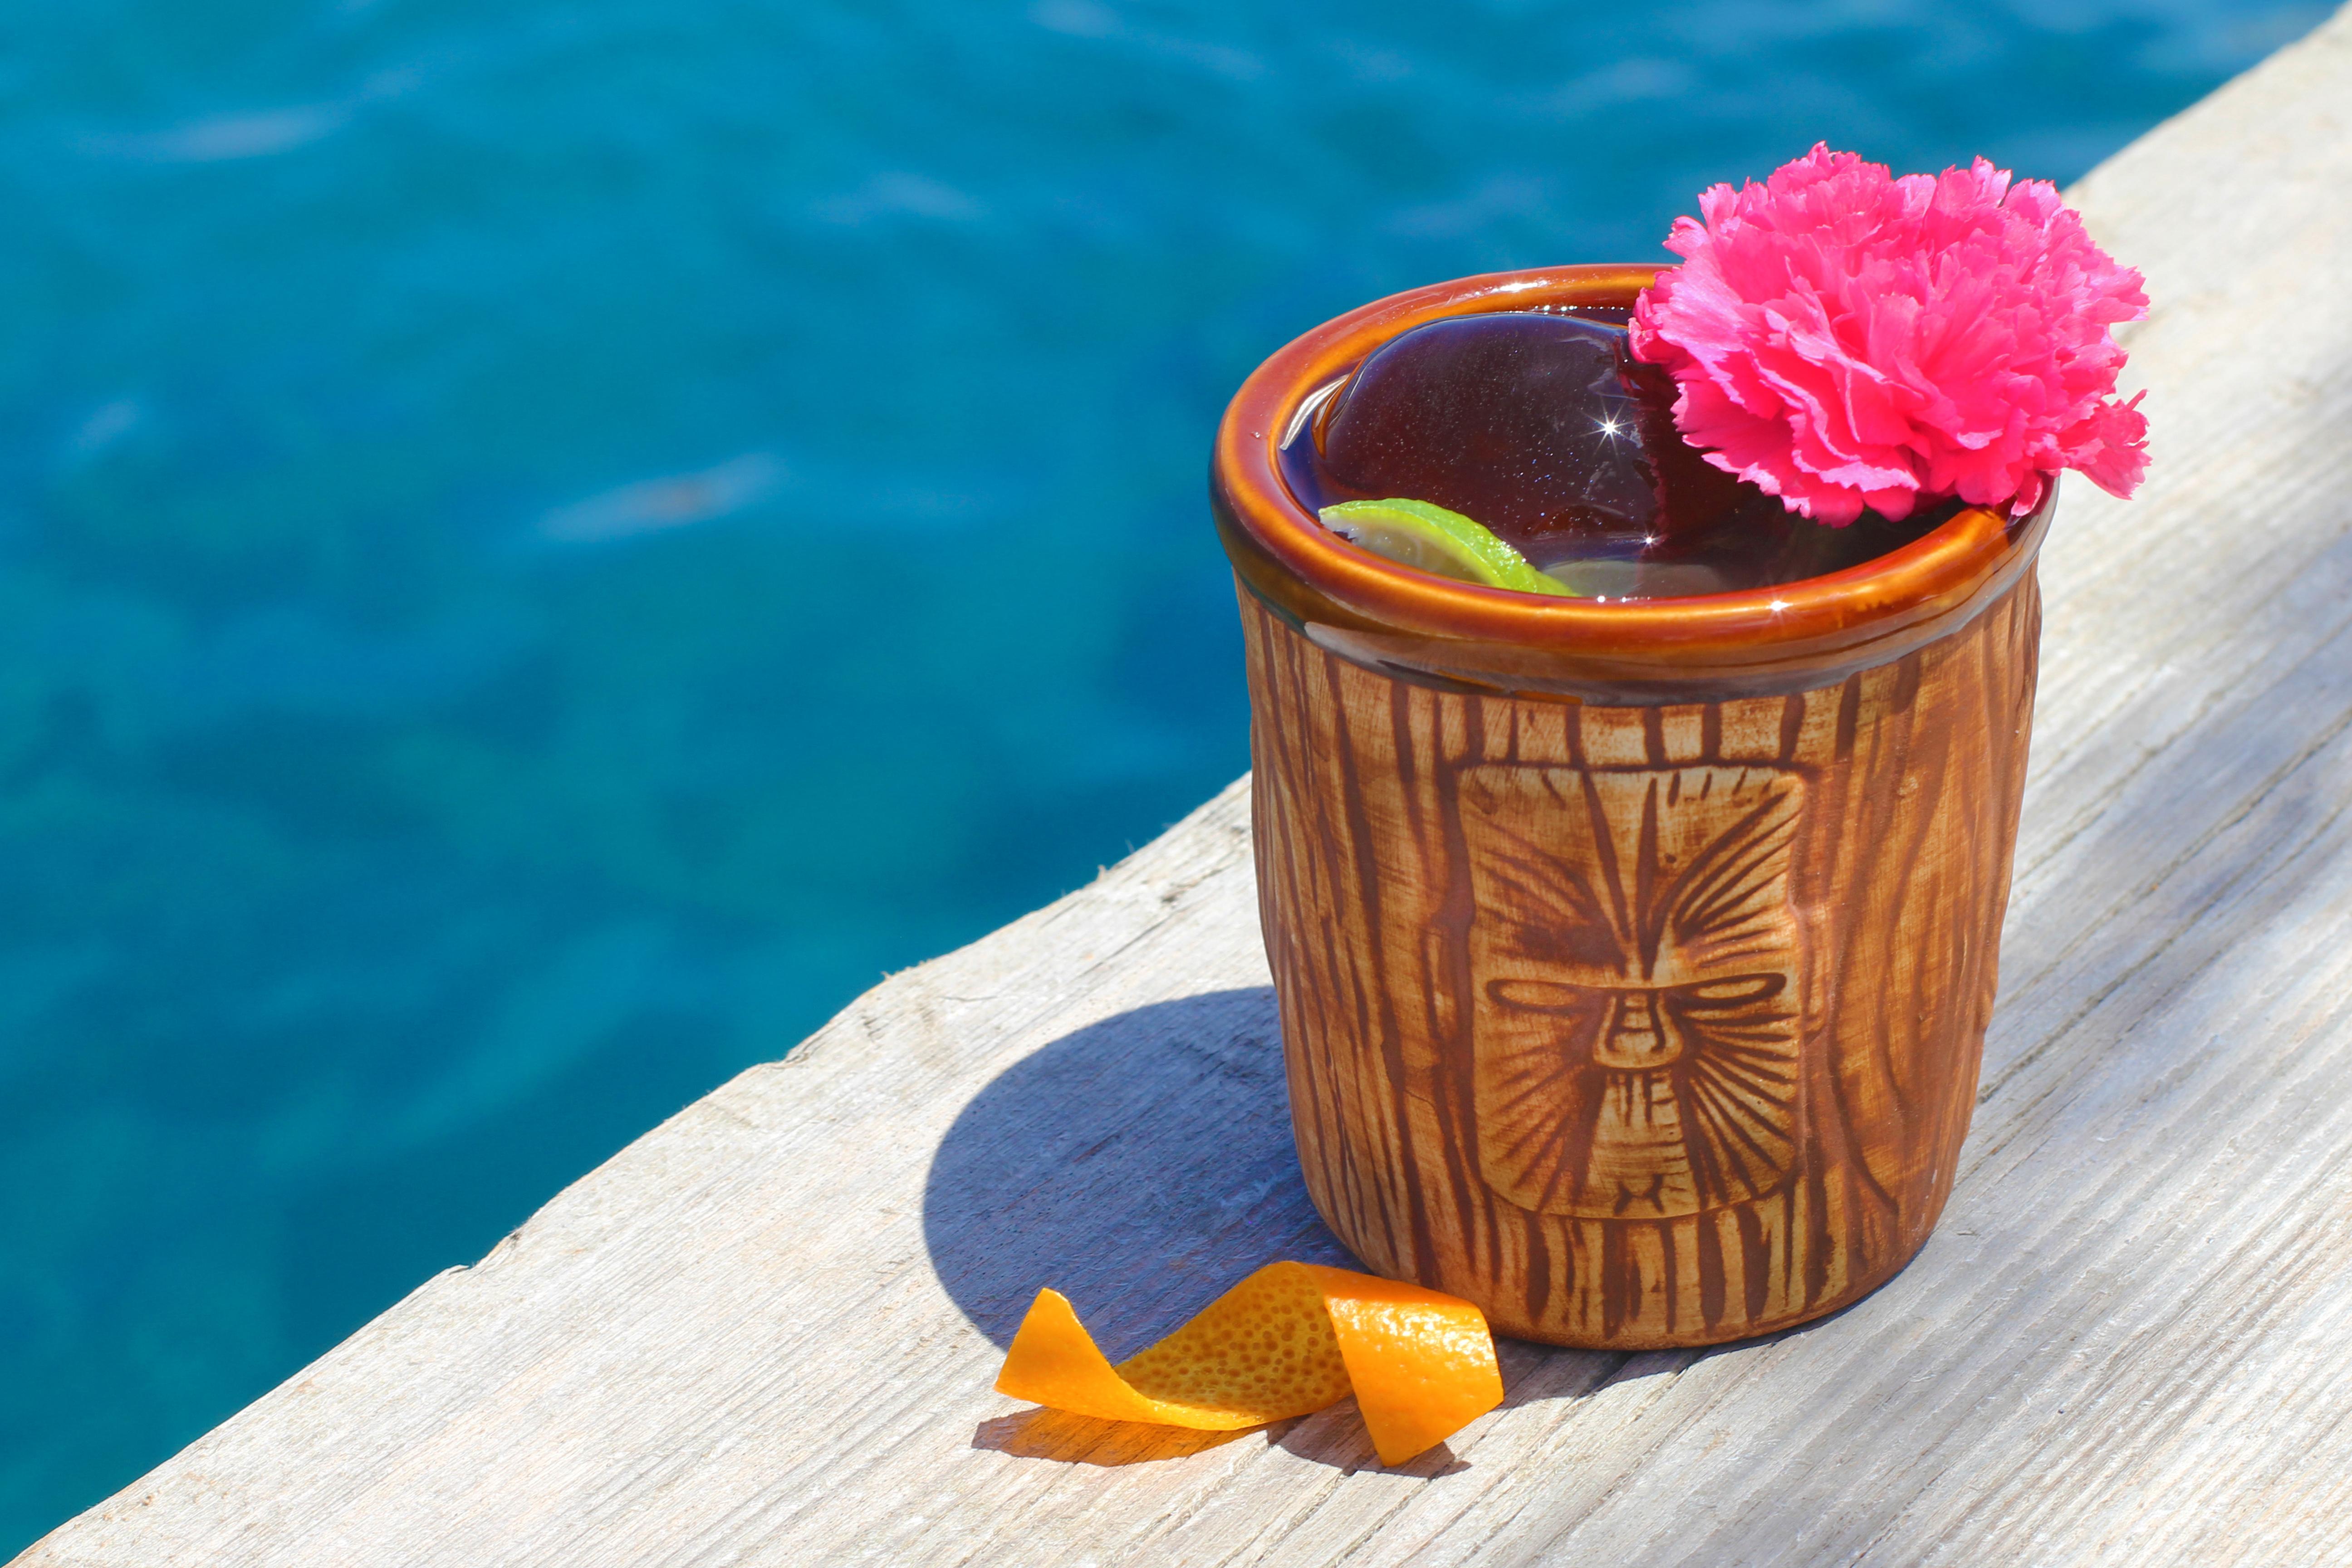 Sconfiggi il caldo rovente con i 4 cocktail più freschi per l'estate